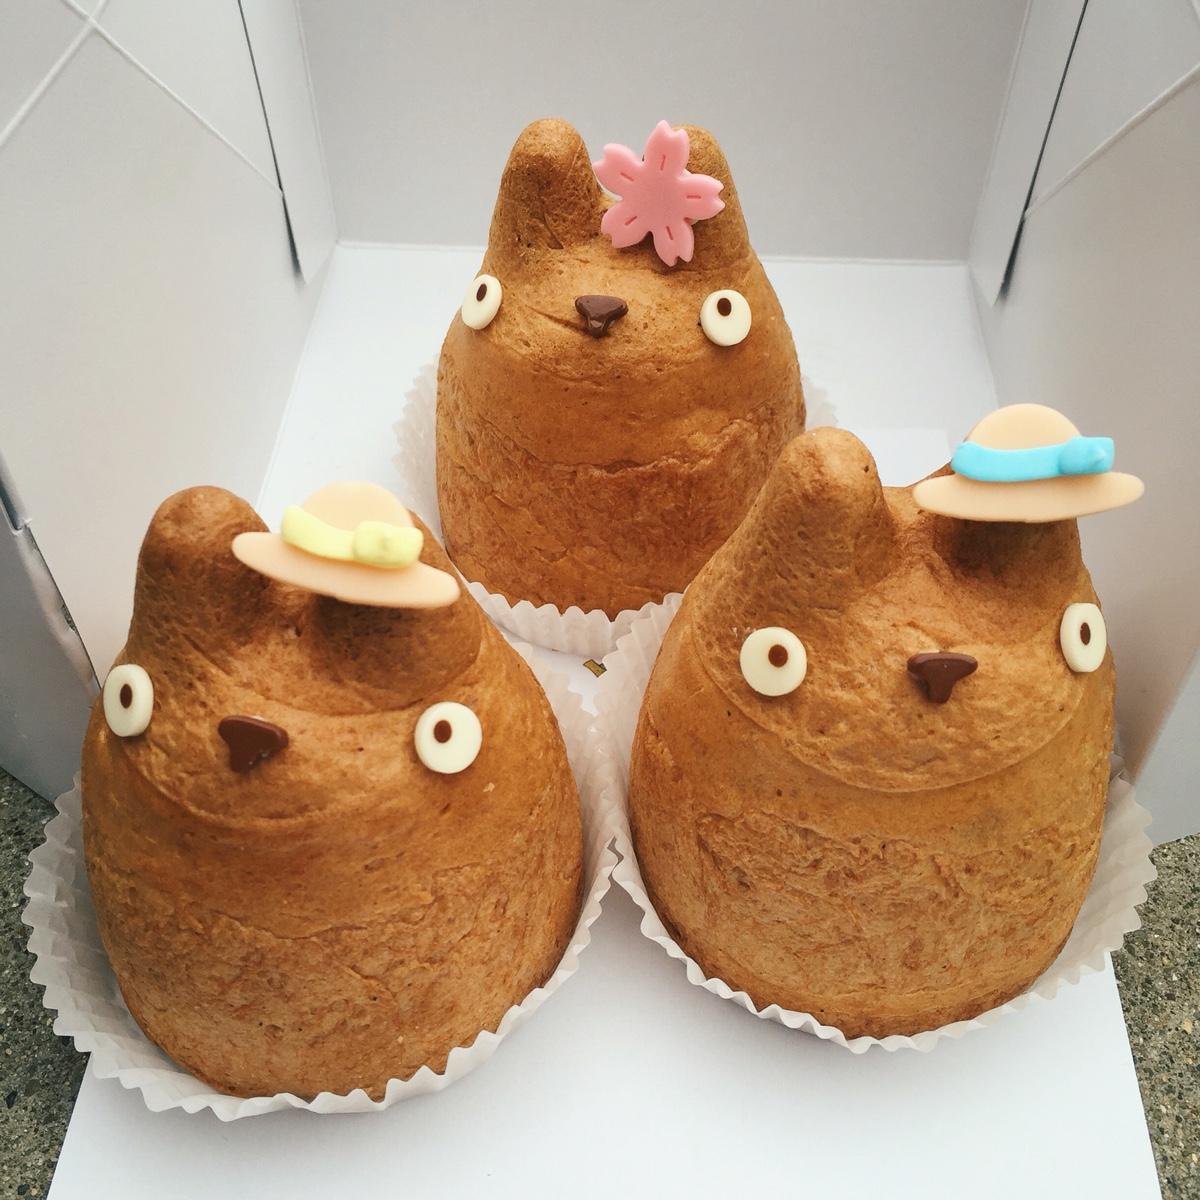 totoro-shirohige-cream-puffs.jpg